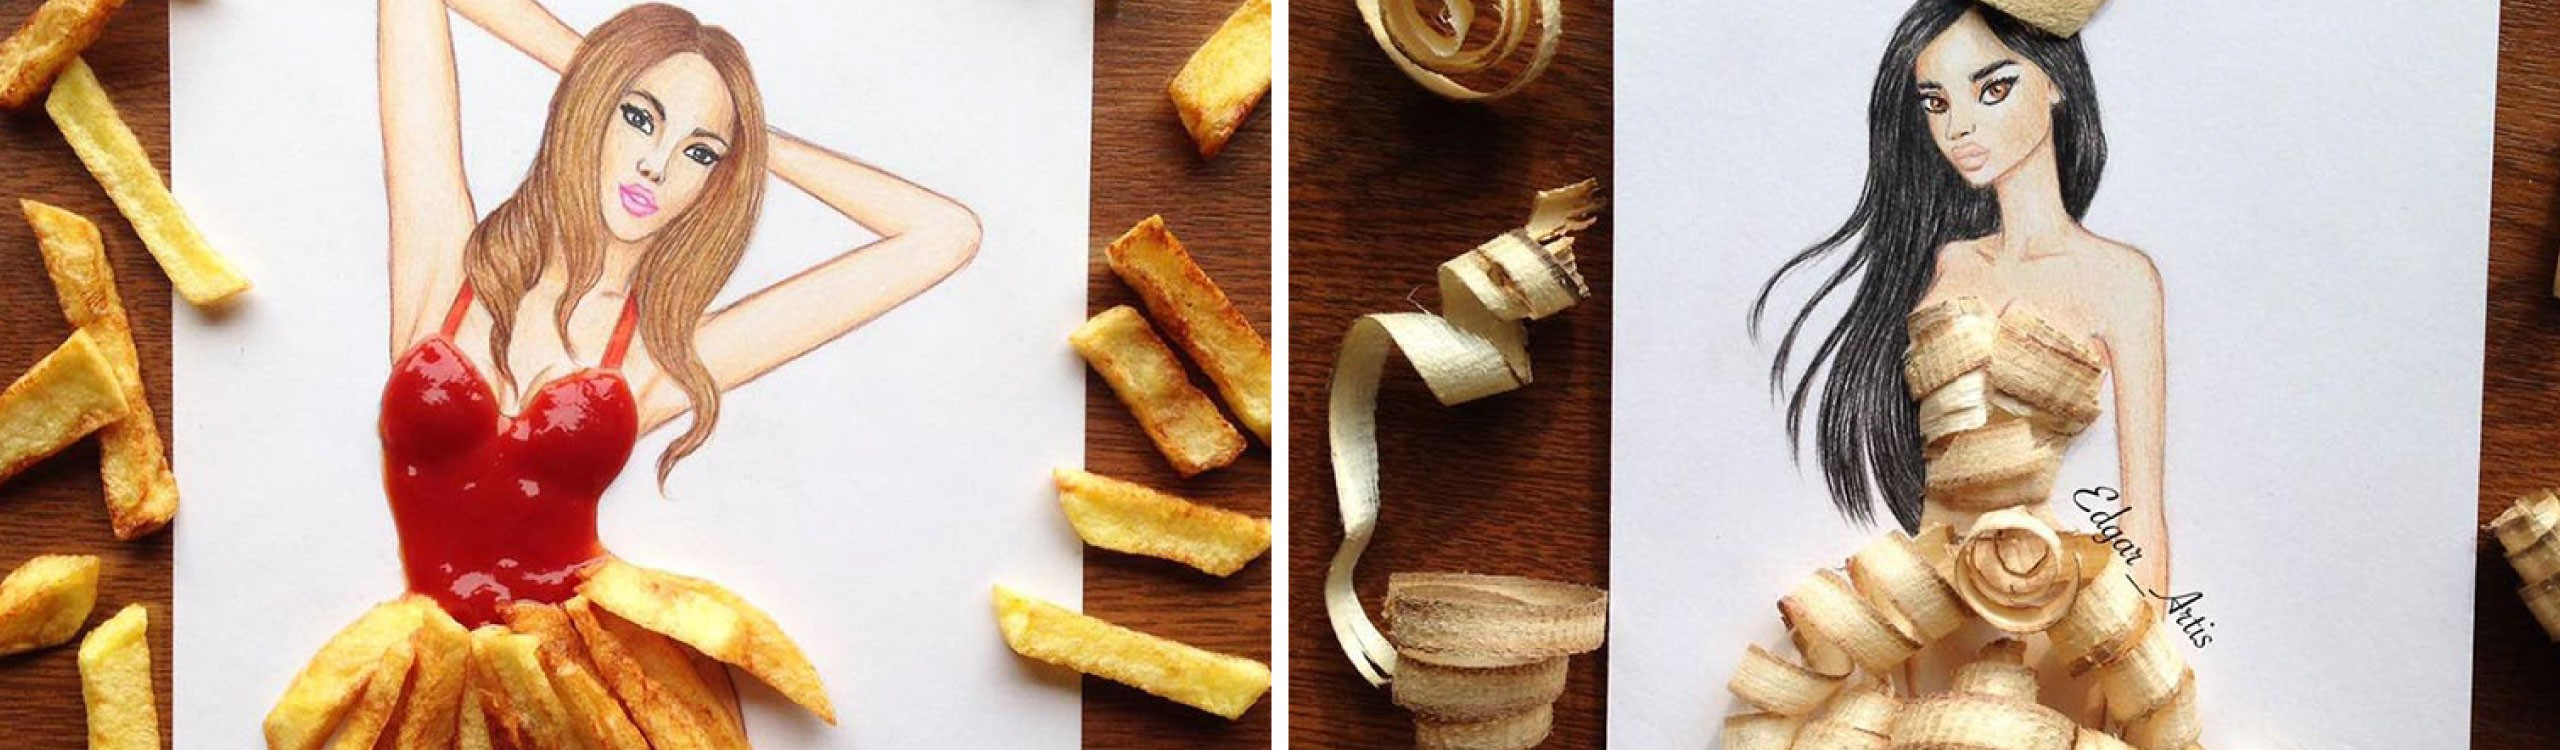 edgar artis, el ilustrador de moda que viste a sus modelos con comida